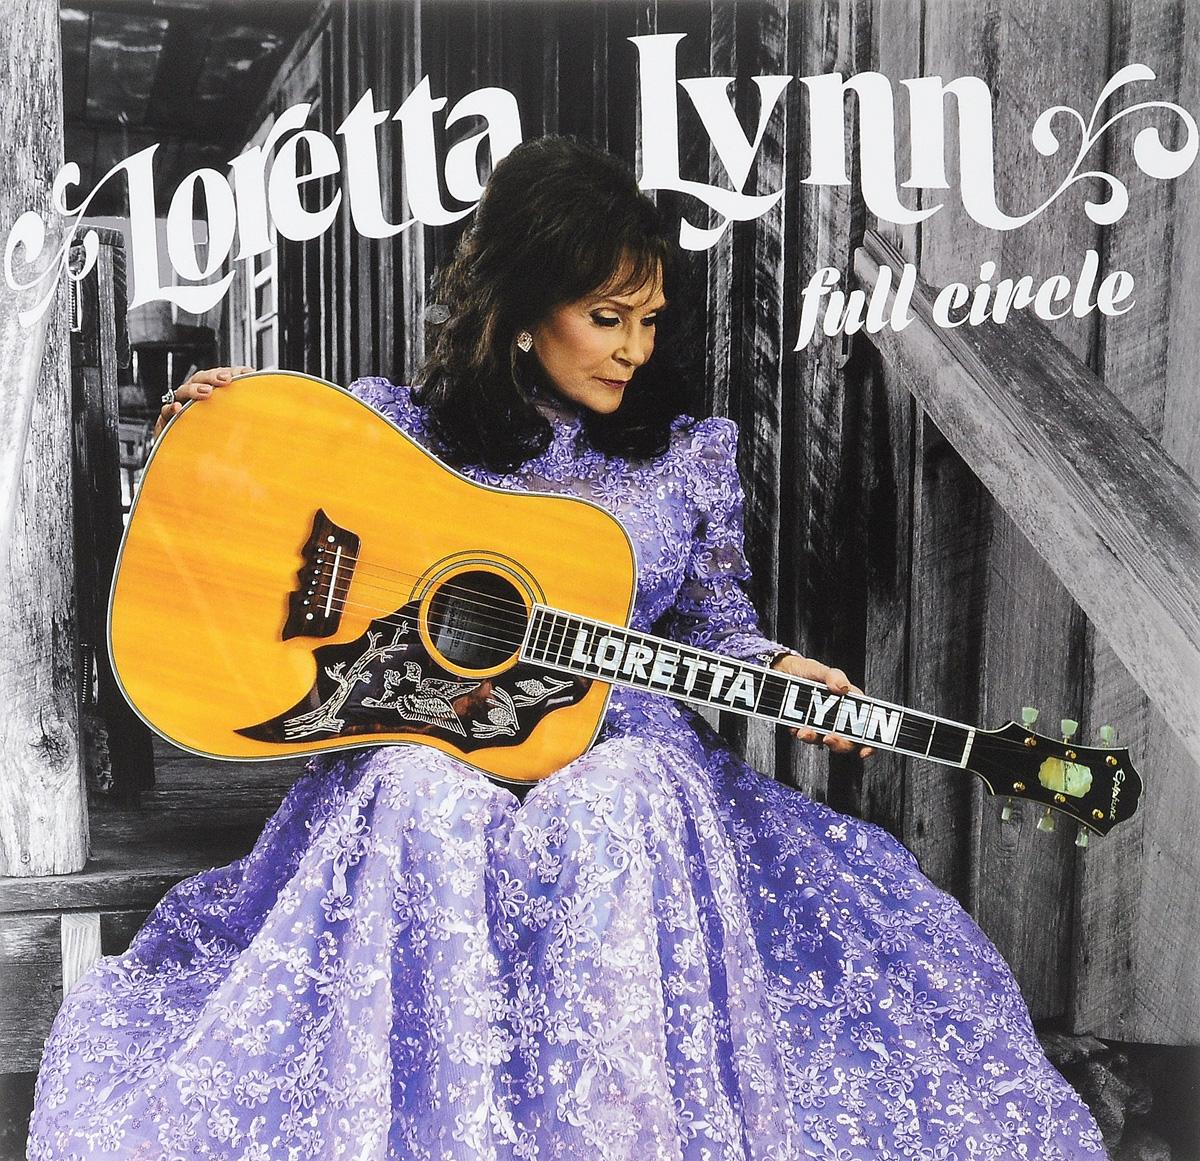 Лоретта Линн Loretta Lynn. Full Circle (LP)